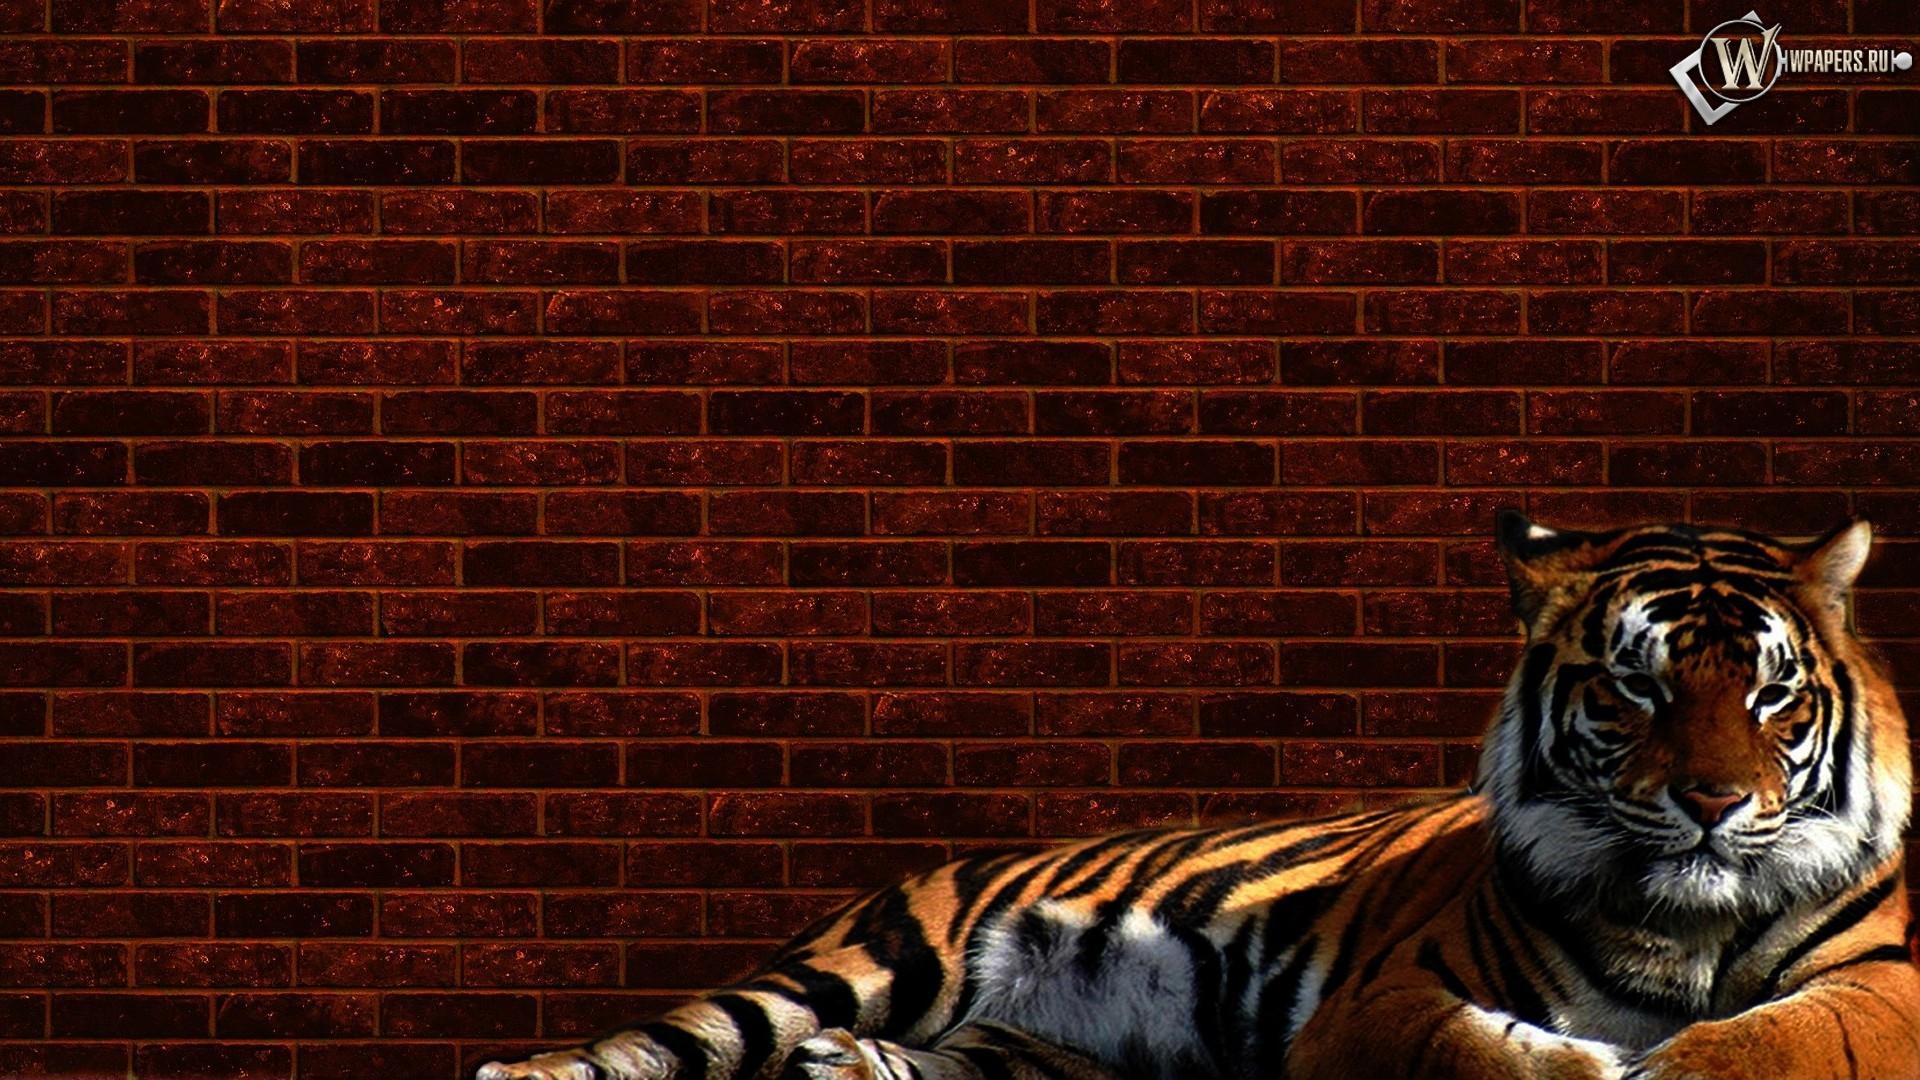 Тигр у стены 1920x1080